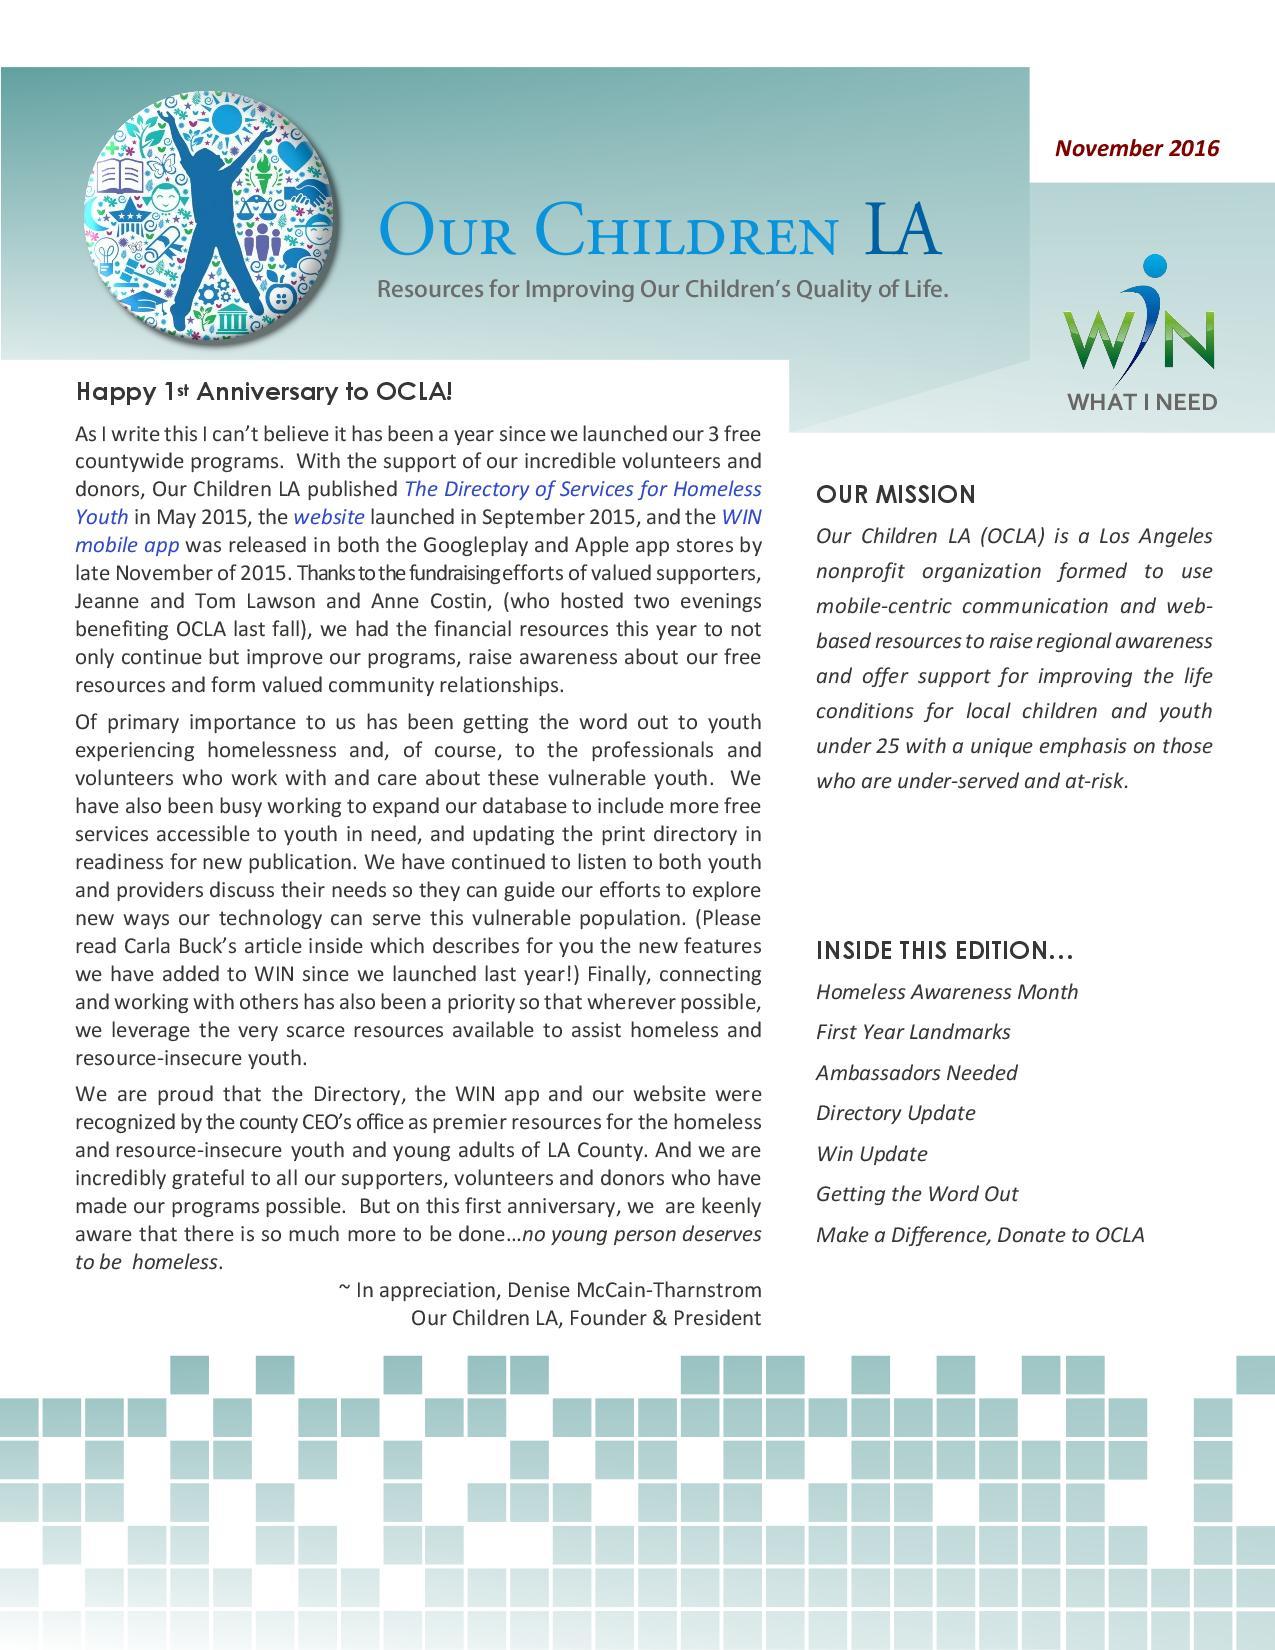 OCLA Newsletter - November 2016